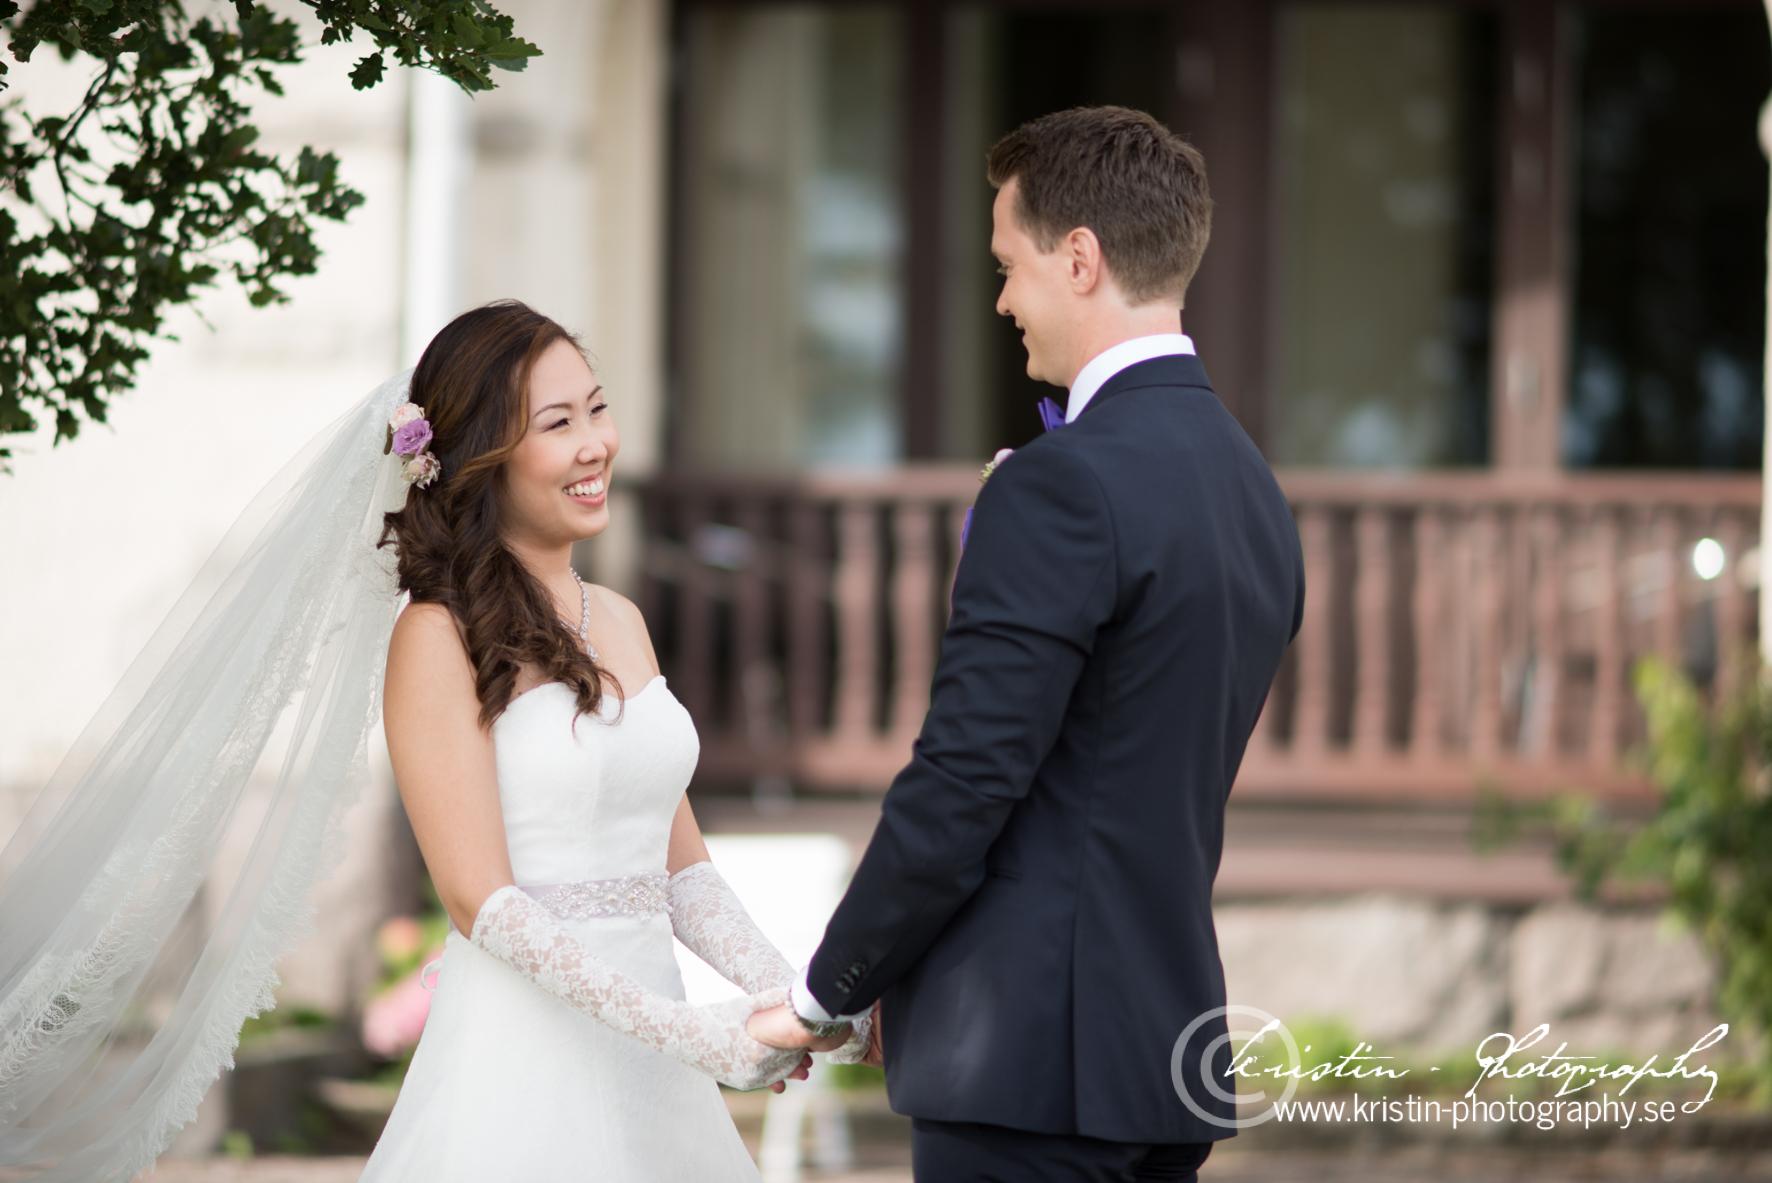 Bröllopsfotograf i Eskilstuna, Kristin - Photography-55.jpg